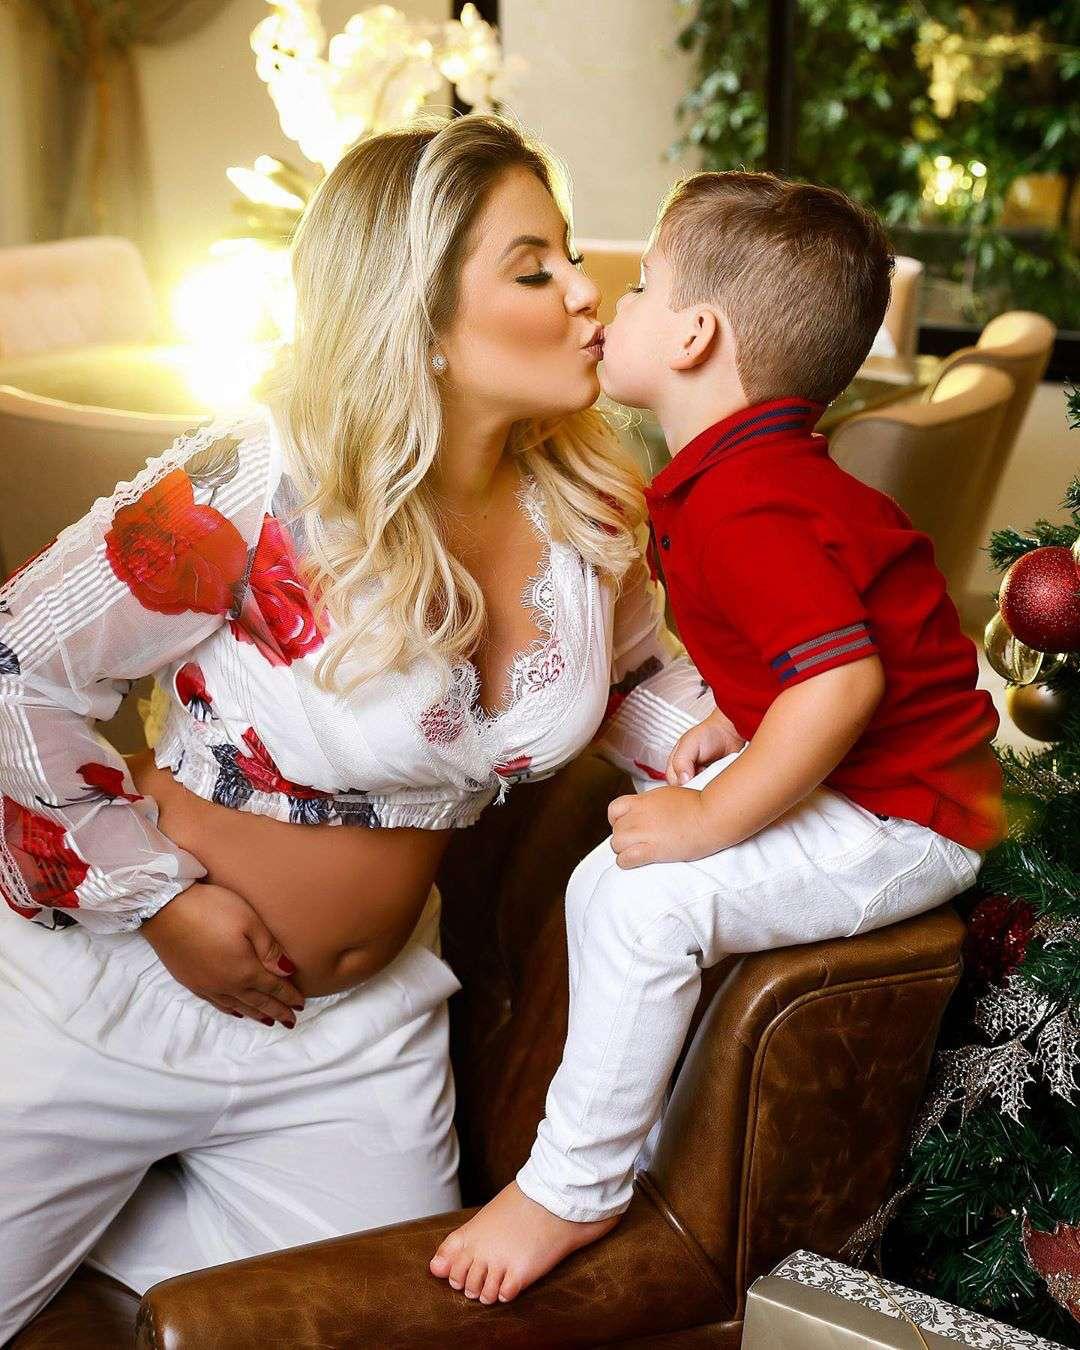 Ensaio natalino do cantor Zé Neto com a família